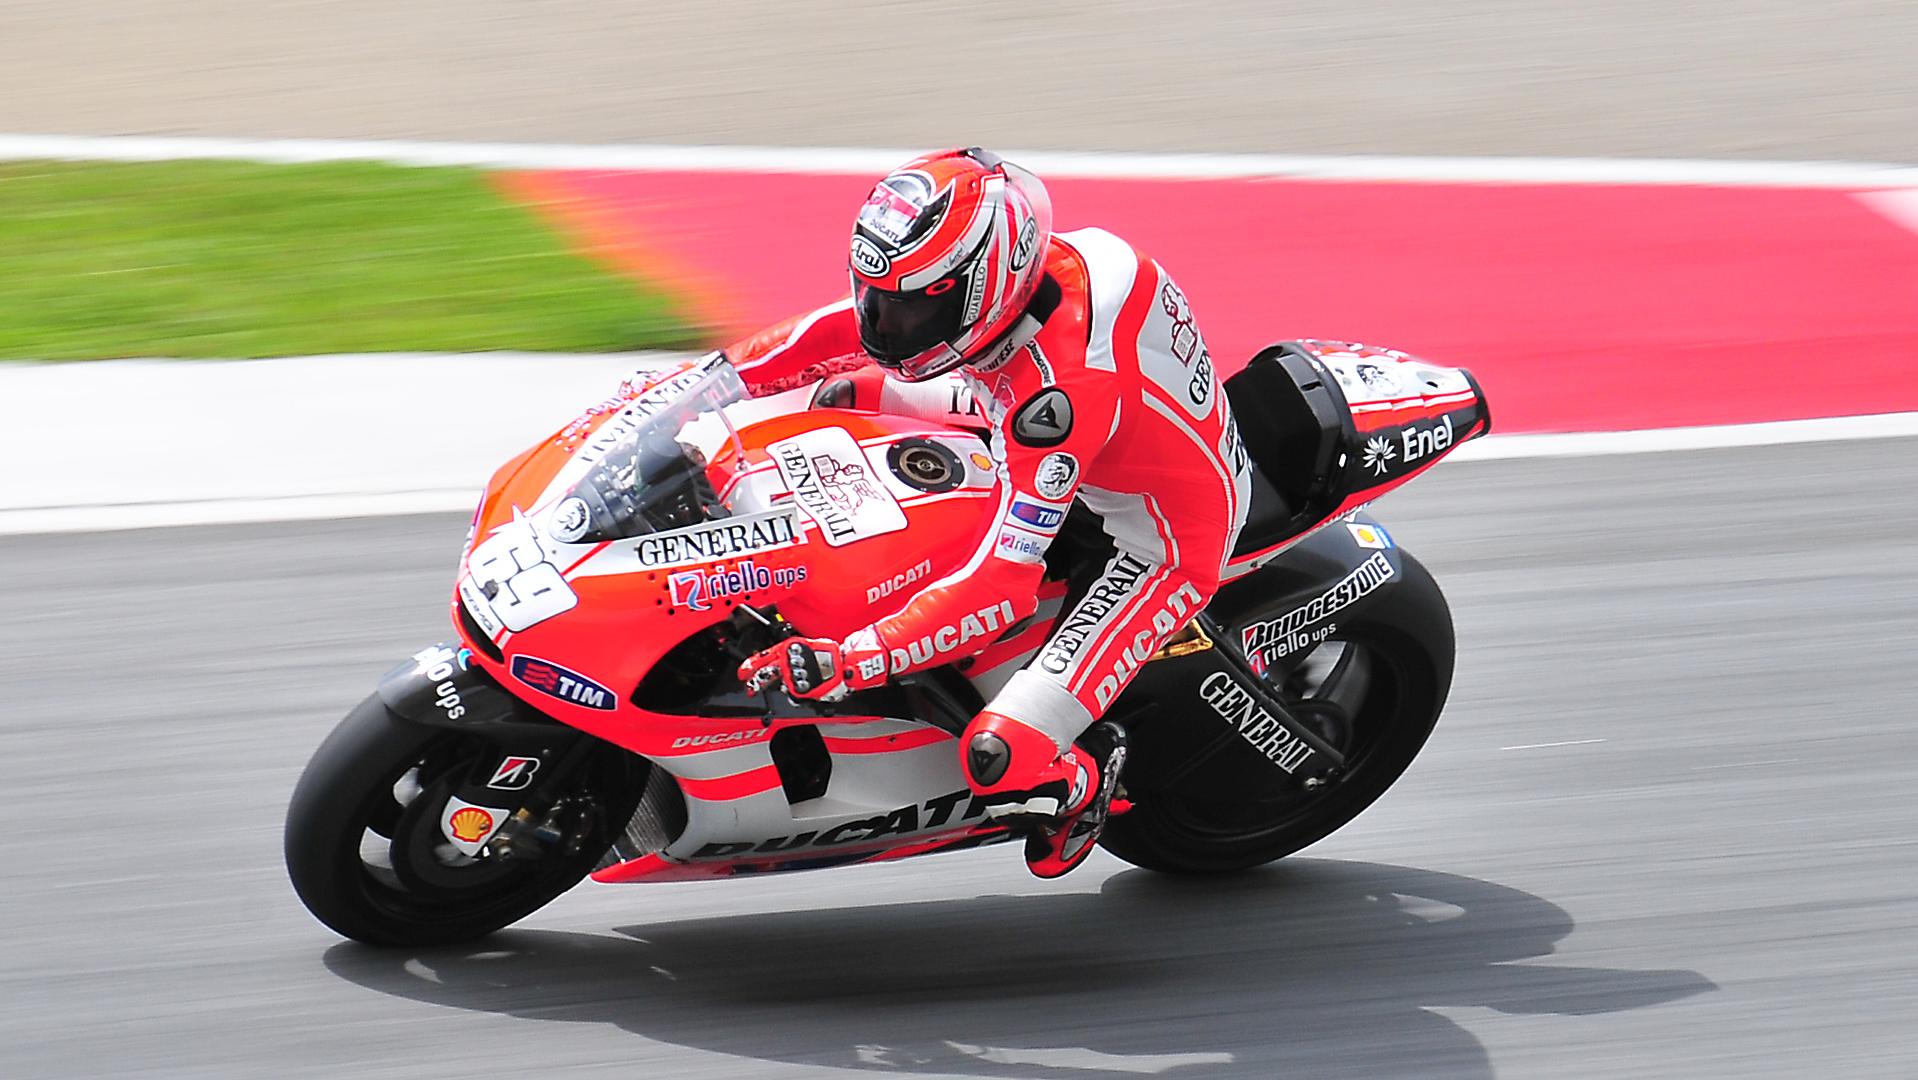 2011 motogp Photo